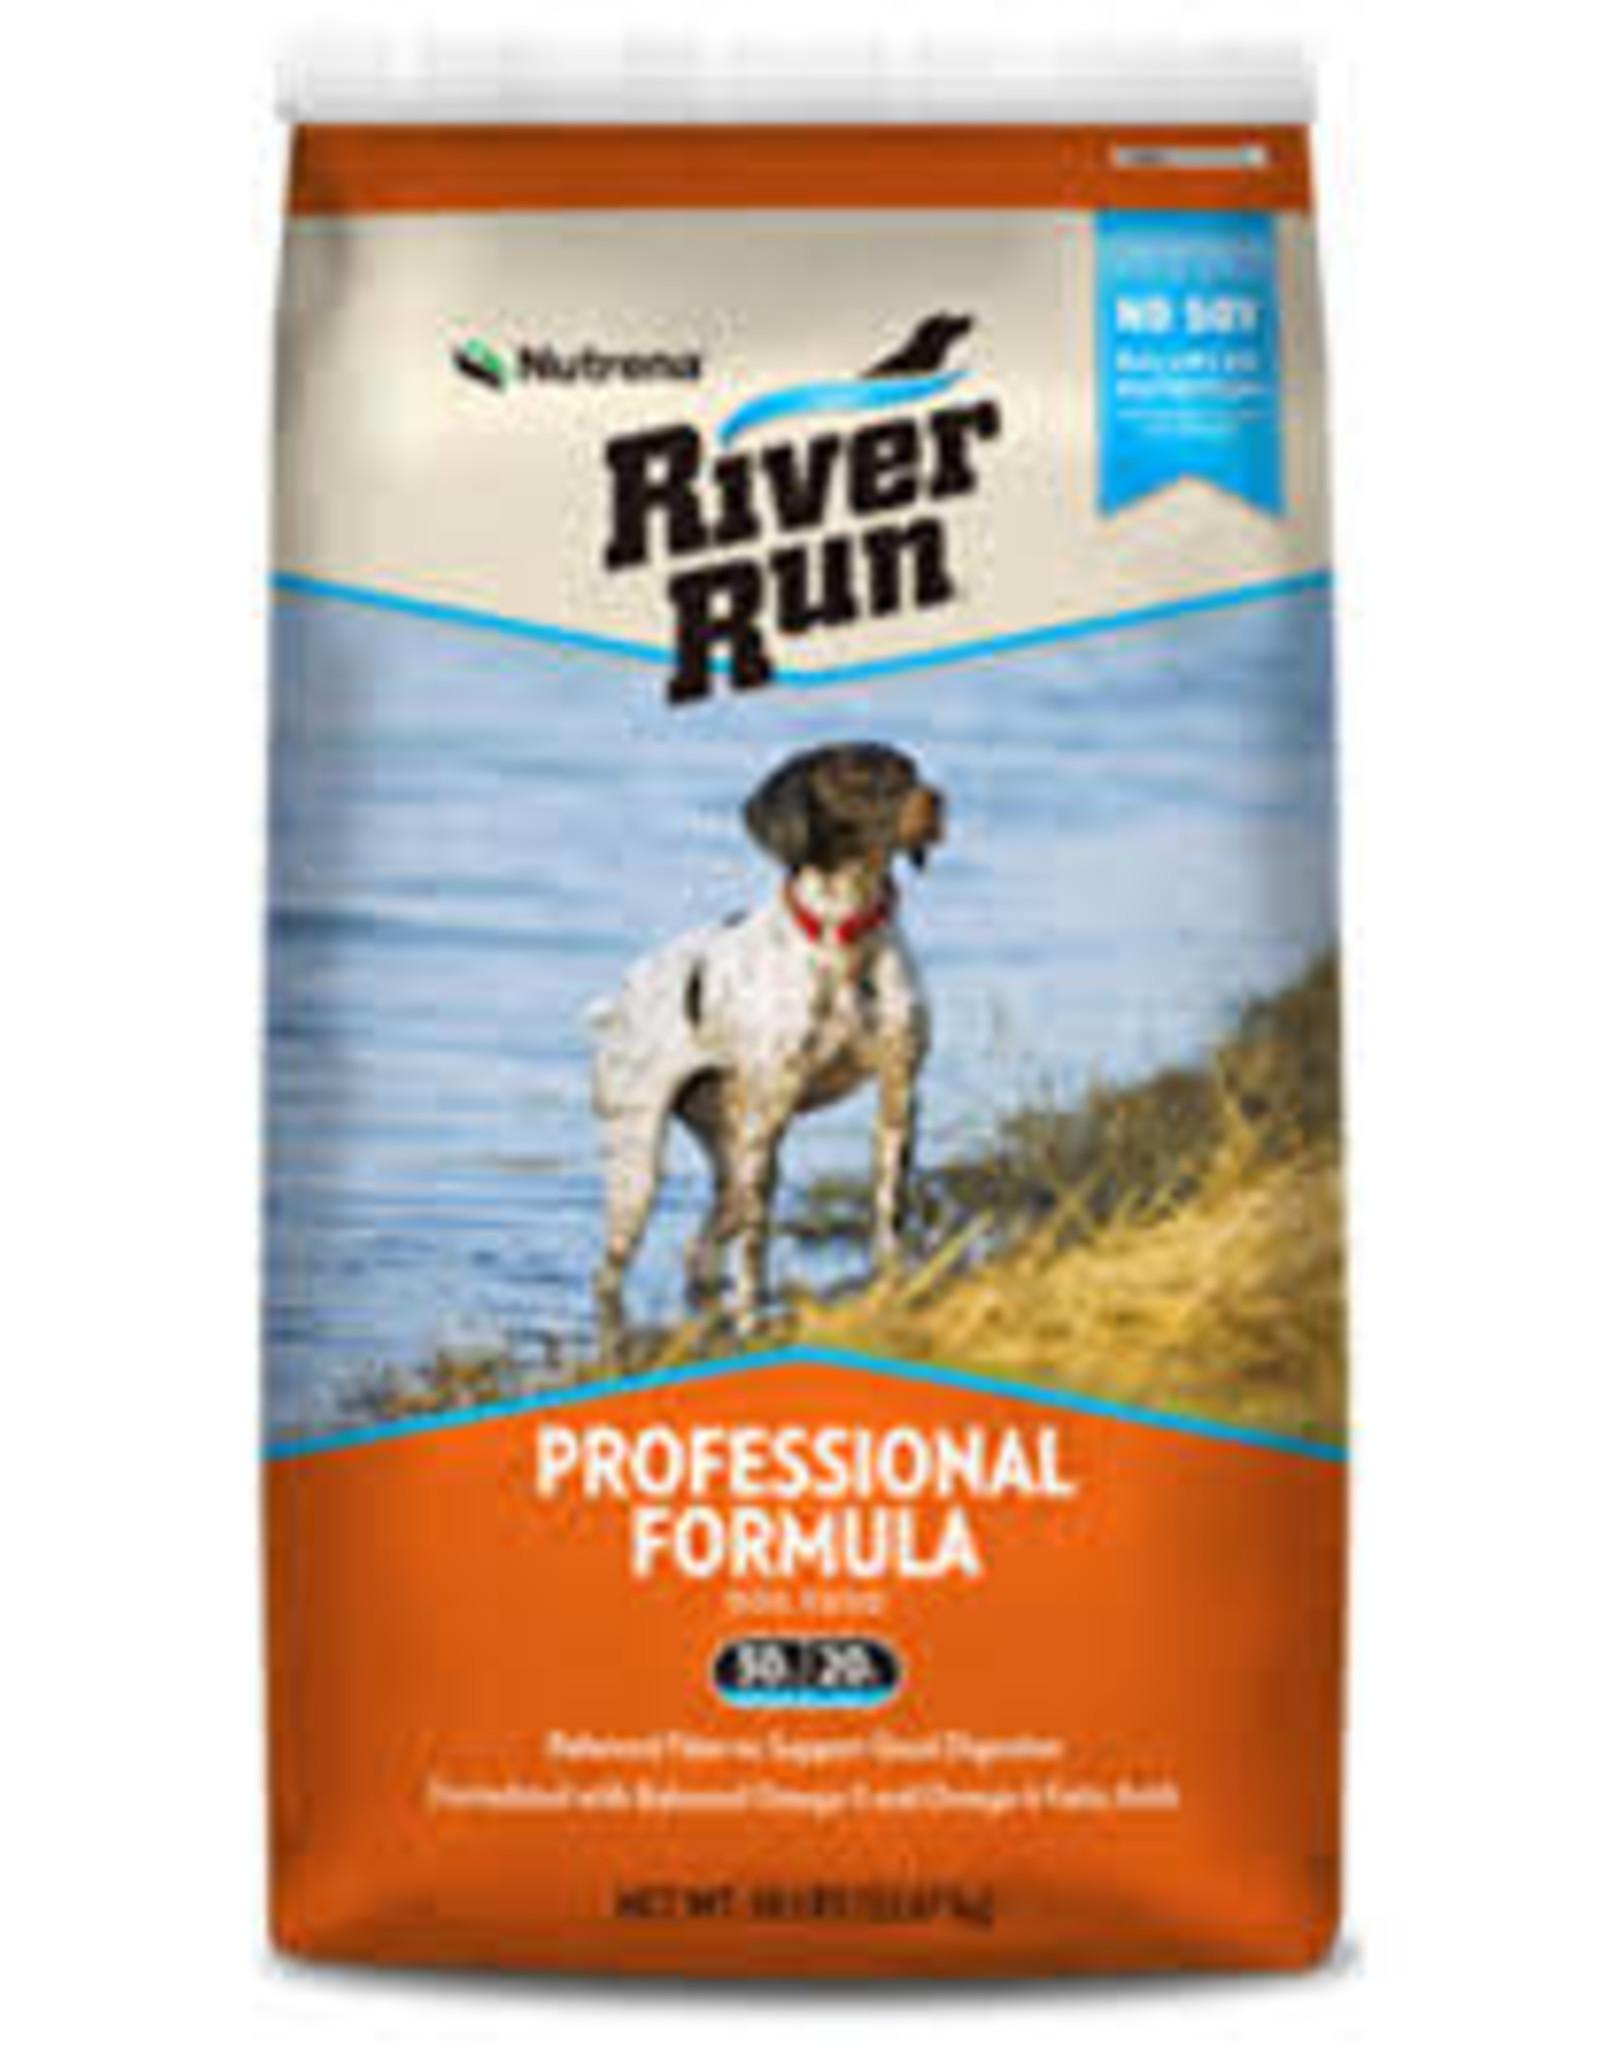 Cargill River Run Professional Formula 30-20 Dog Food  50lb